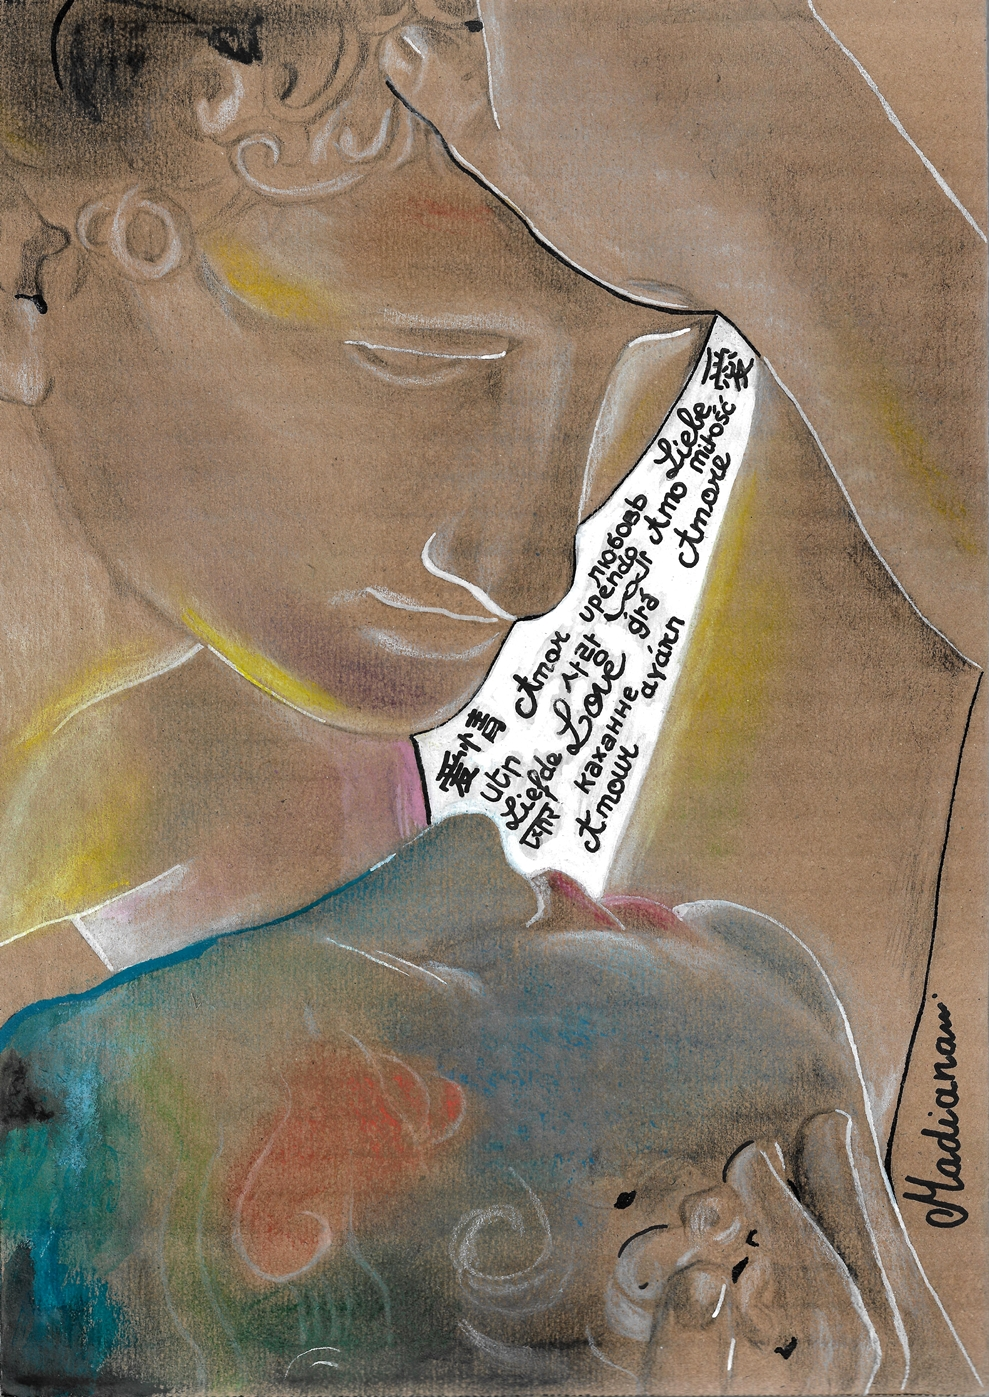 dessin art contemporain amour et psychée canova fusain pastel carton couleur